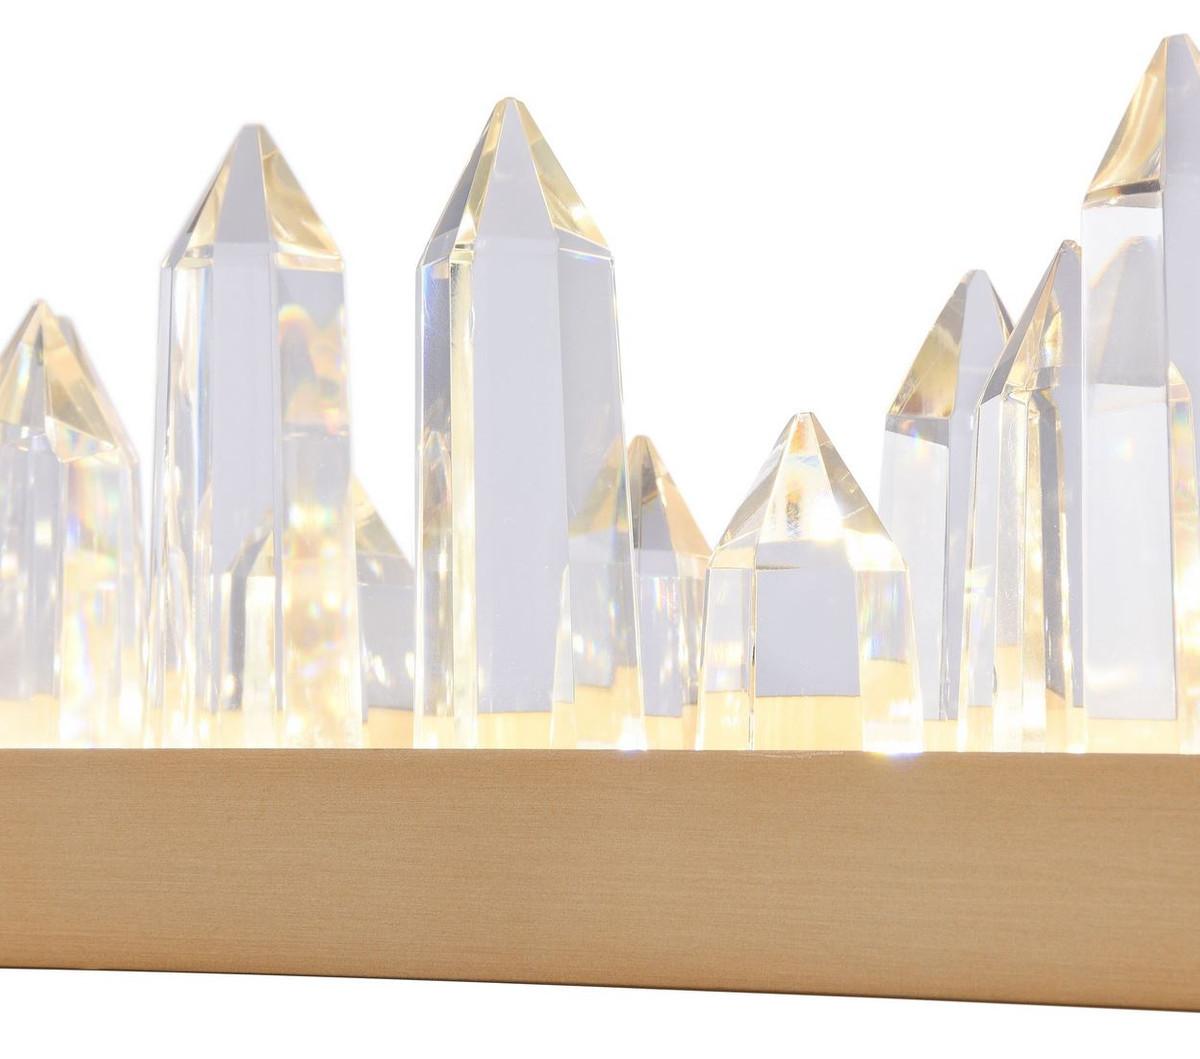 Casa Padrino LED Hängeleuchte mit messingfarbenem Metallrahmen und Kristallglaszacken 80 x 9 x H. 10,4 cm - Wohnzimmermöbel 5